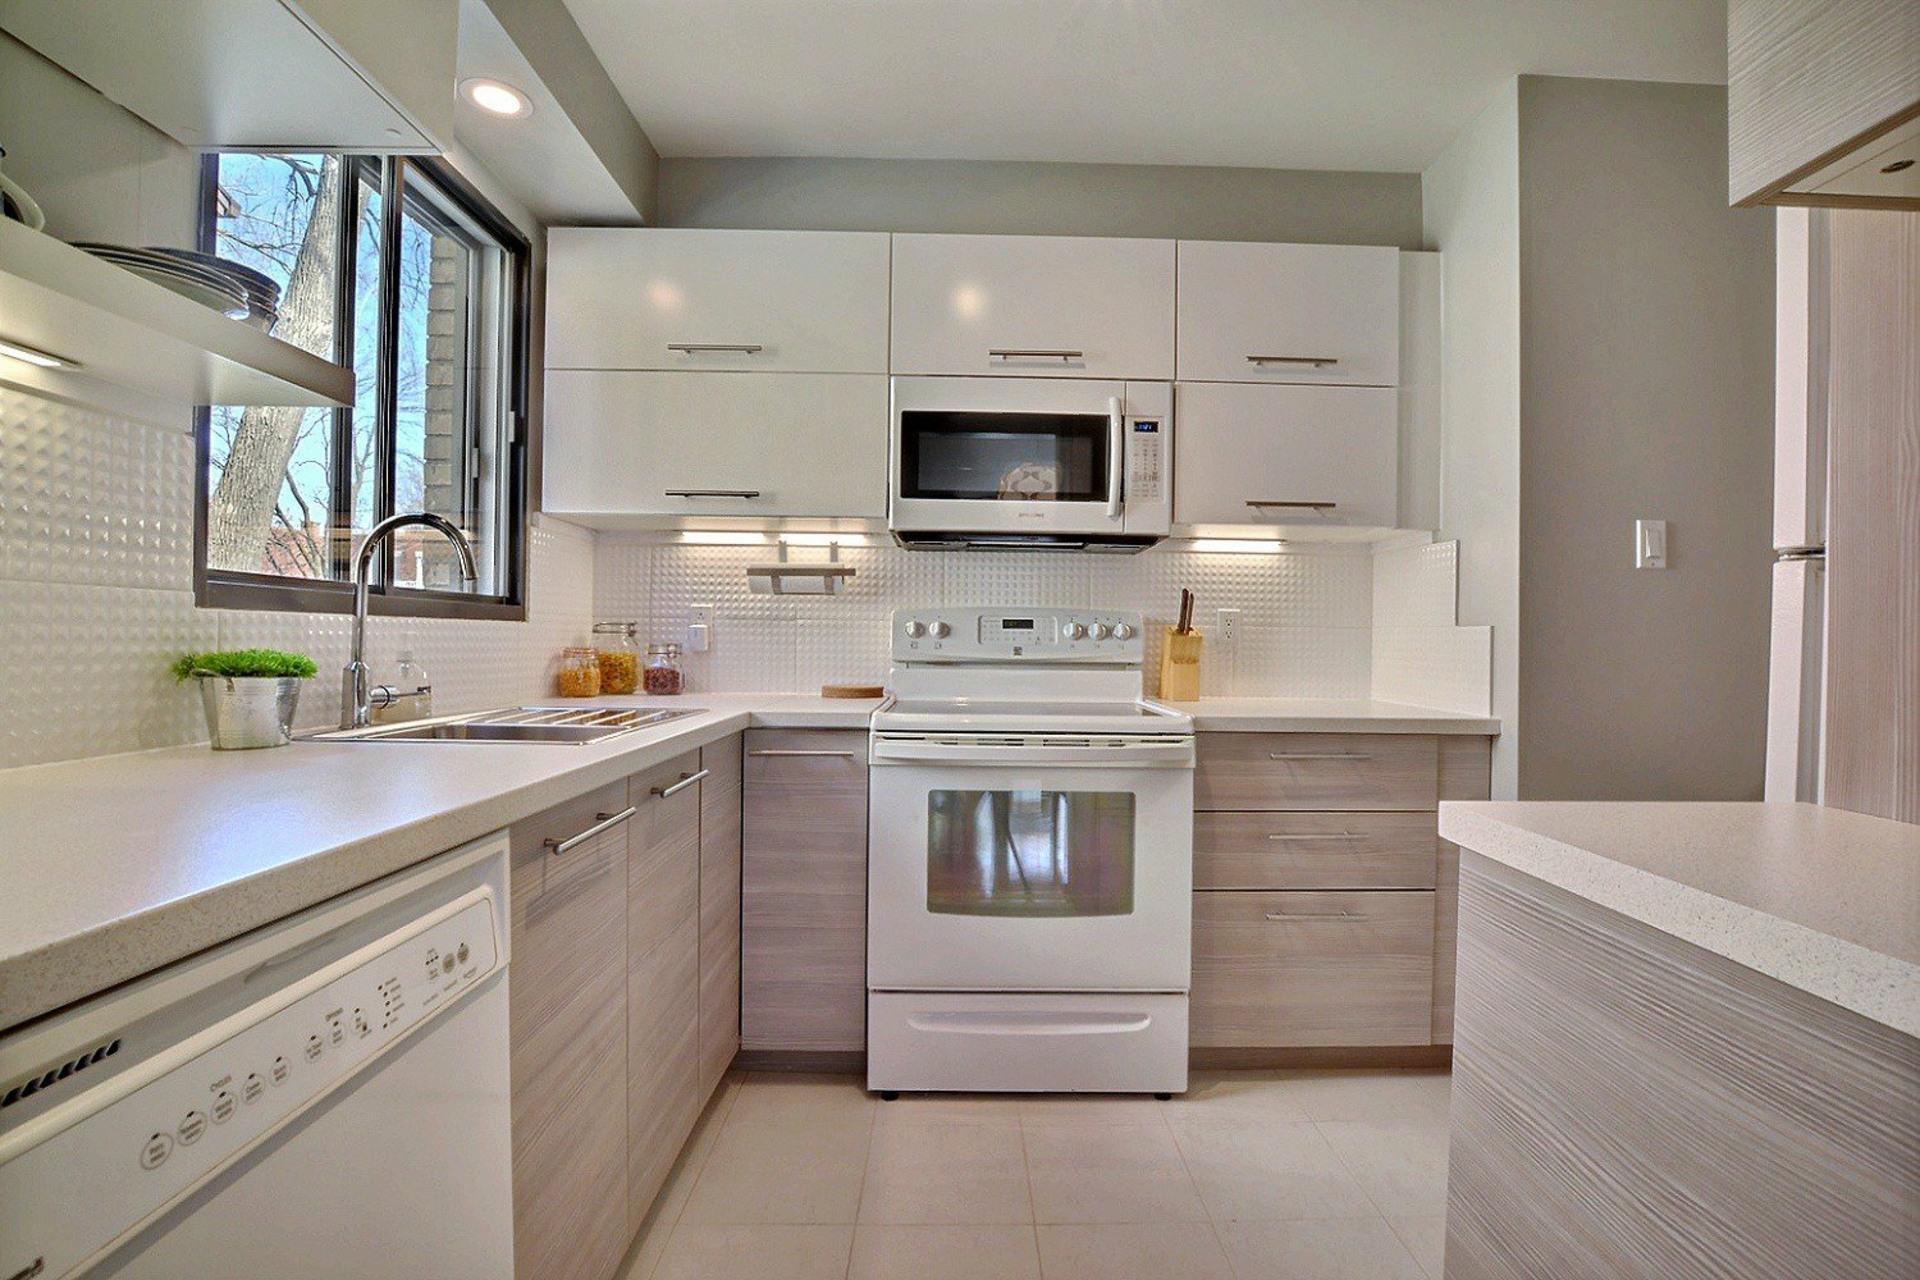 image 7 - Appartement À vendre Montréal Ahuntsic-Cartierville  - 7 pièces